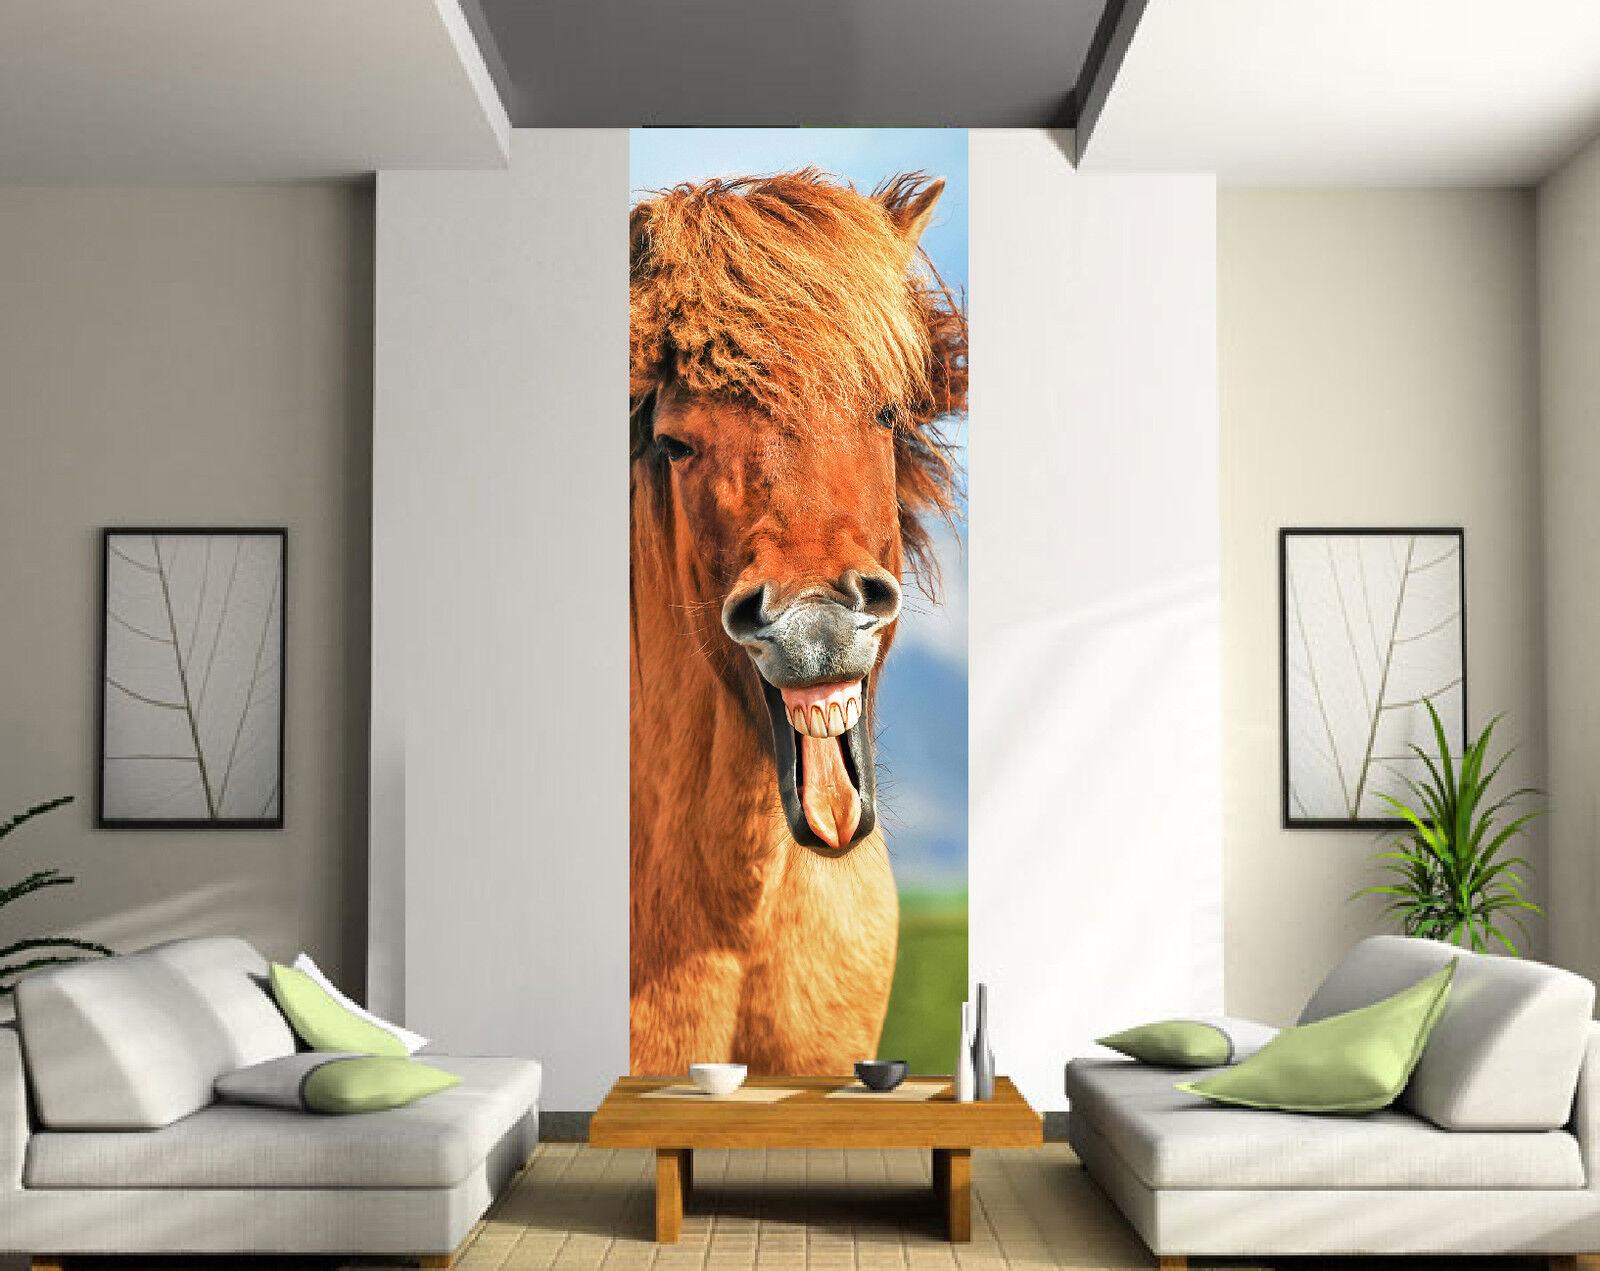 Adesivi la Unica Decorazione da Muro Cavallo Ref 2027